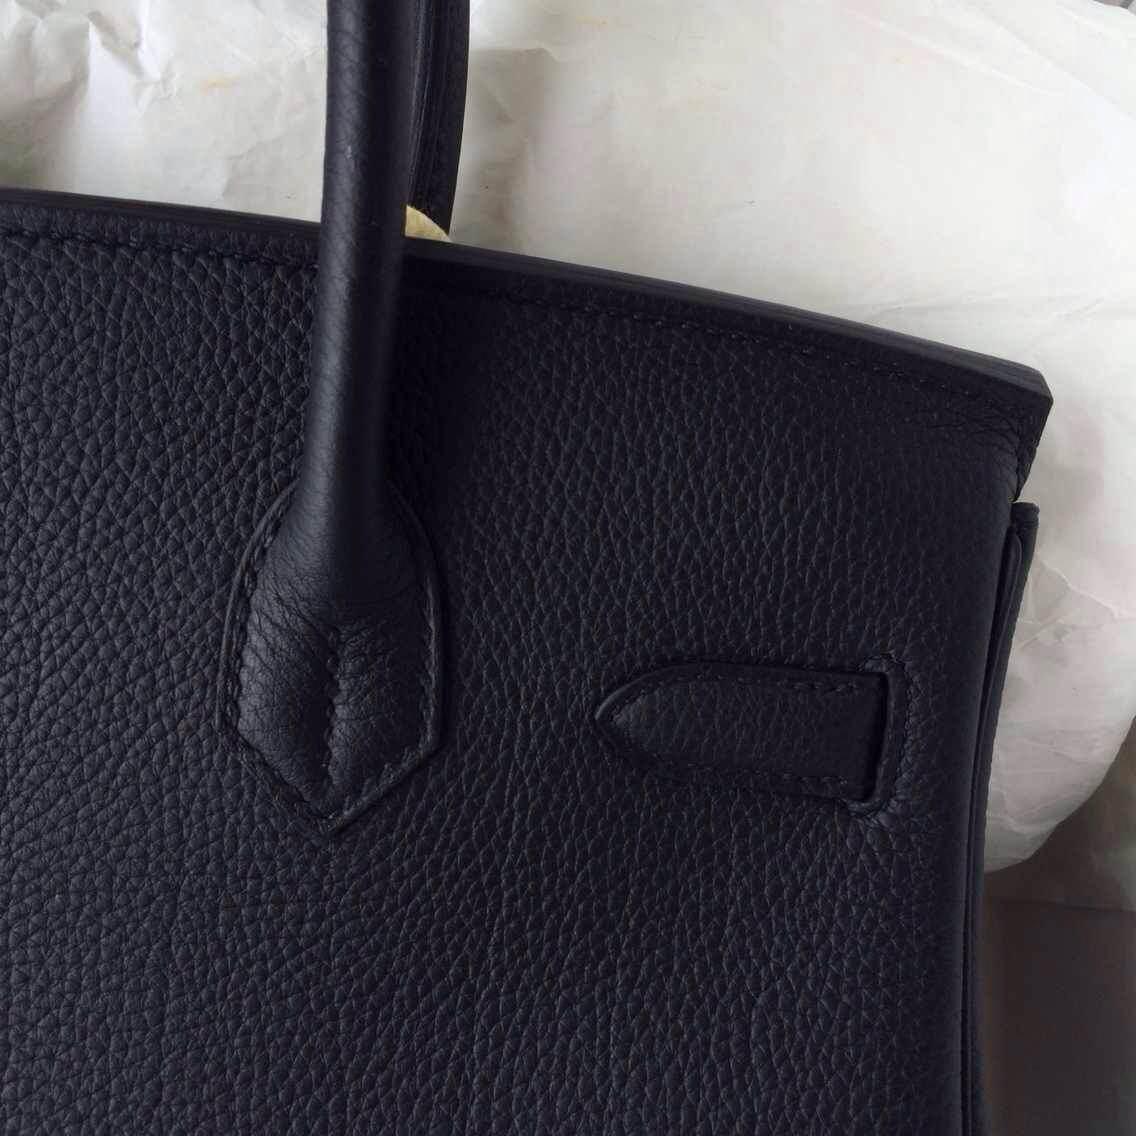 89 Black France Togo Leather Hermes Birkin30cm Gold/Silver Hardware